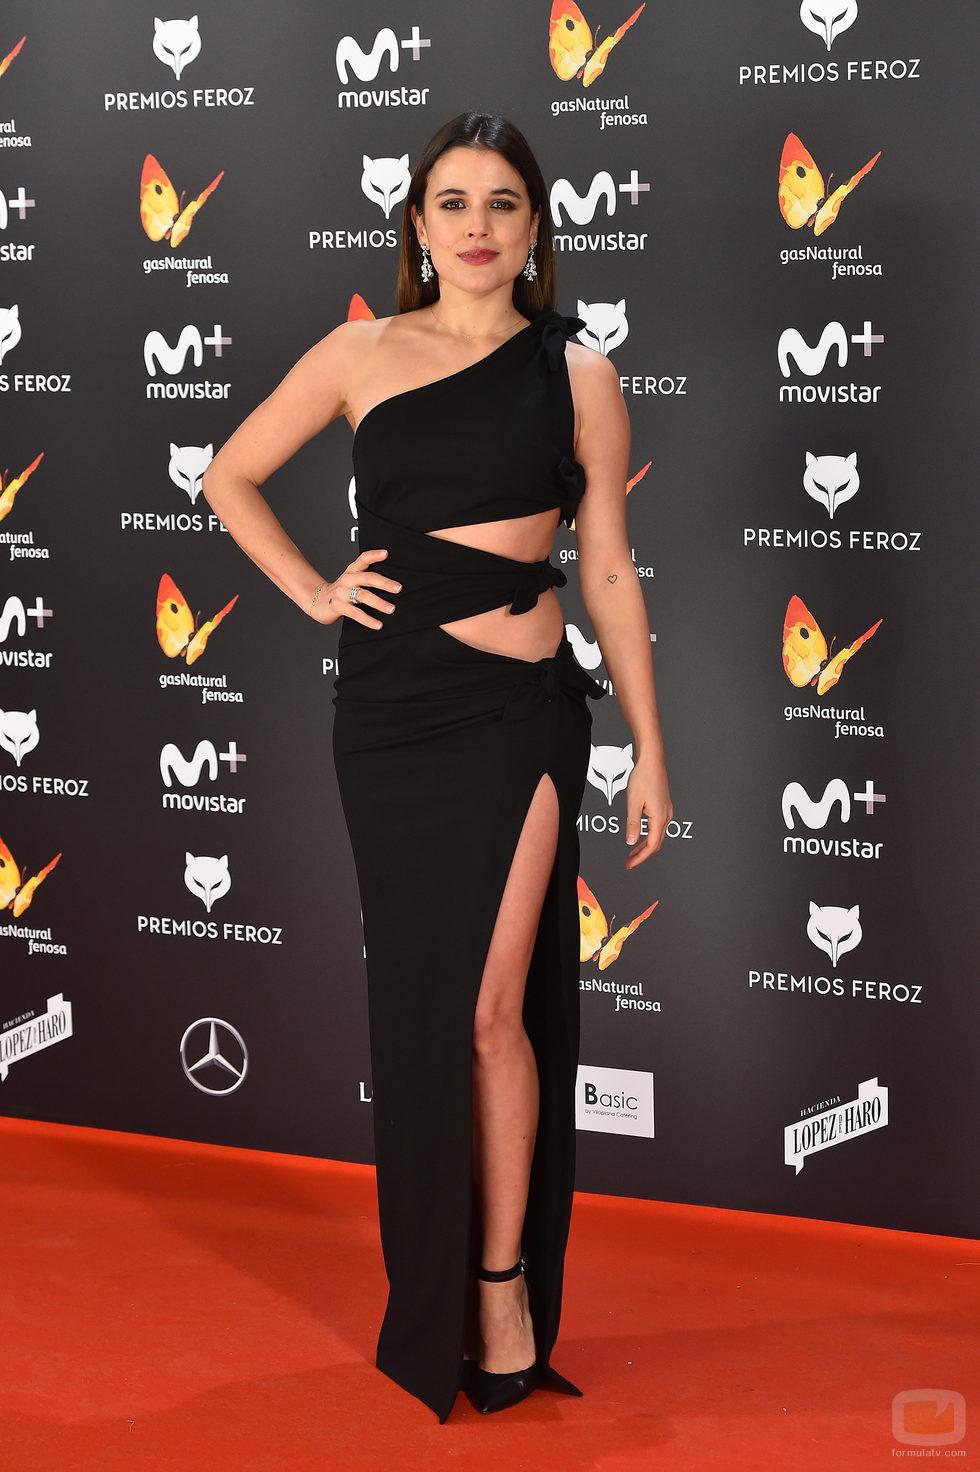 Adriana Ugarte con un sugerente vestido en la alfombra roja de los Premios Feroz 2017